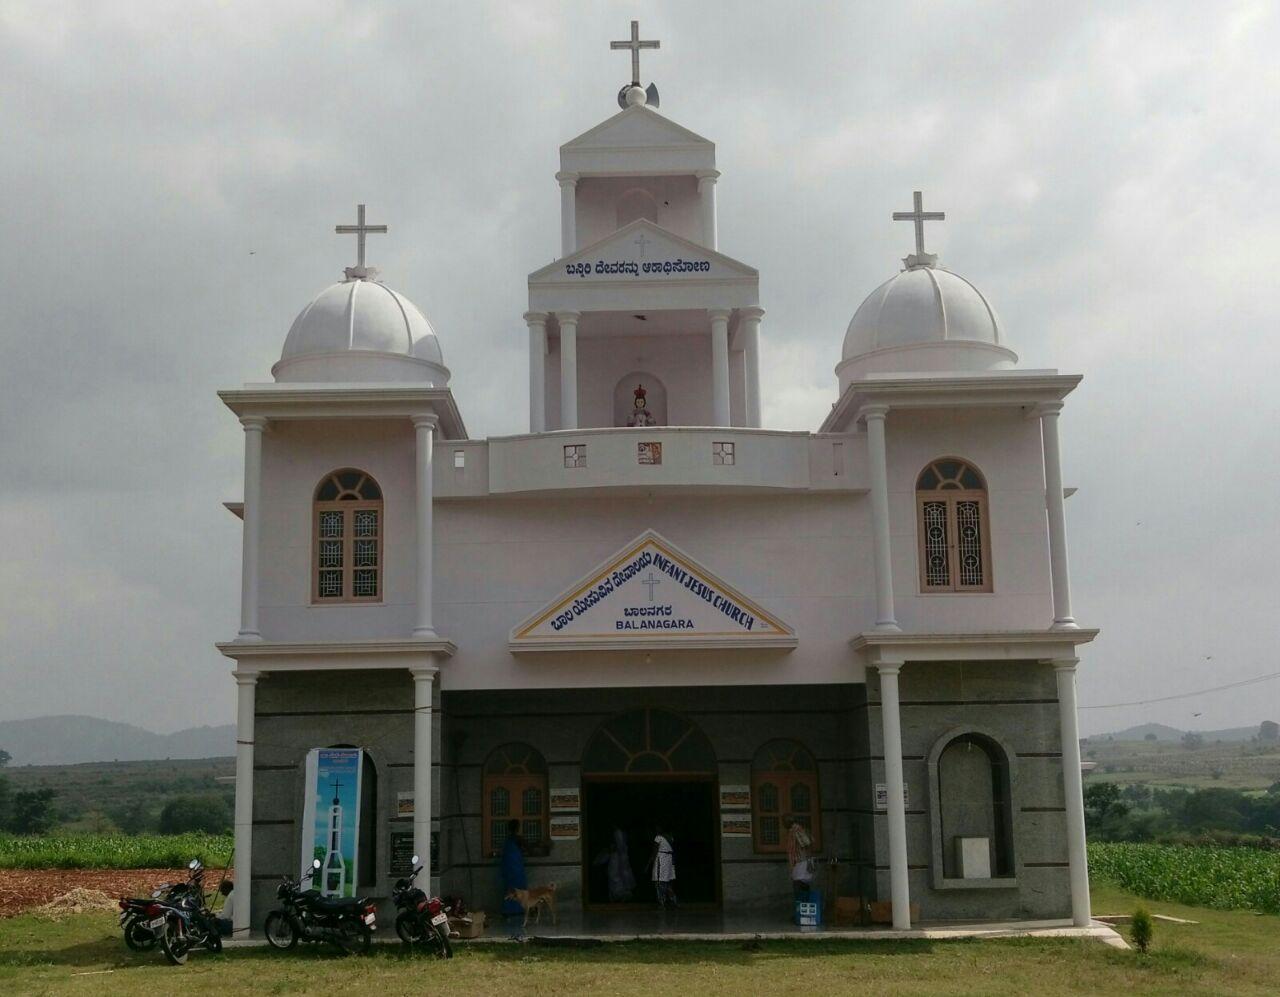 Balanagar